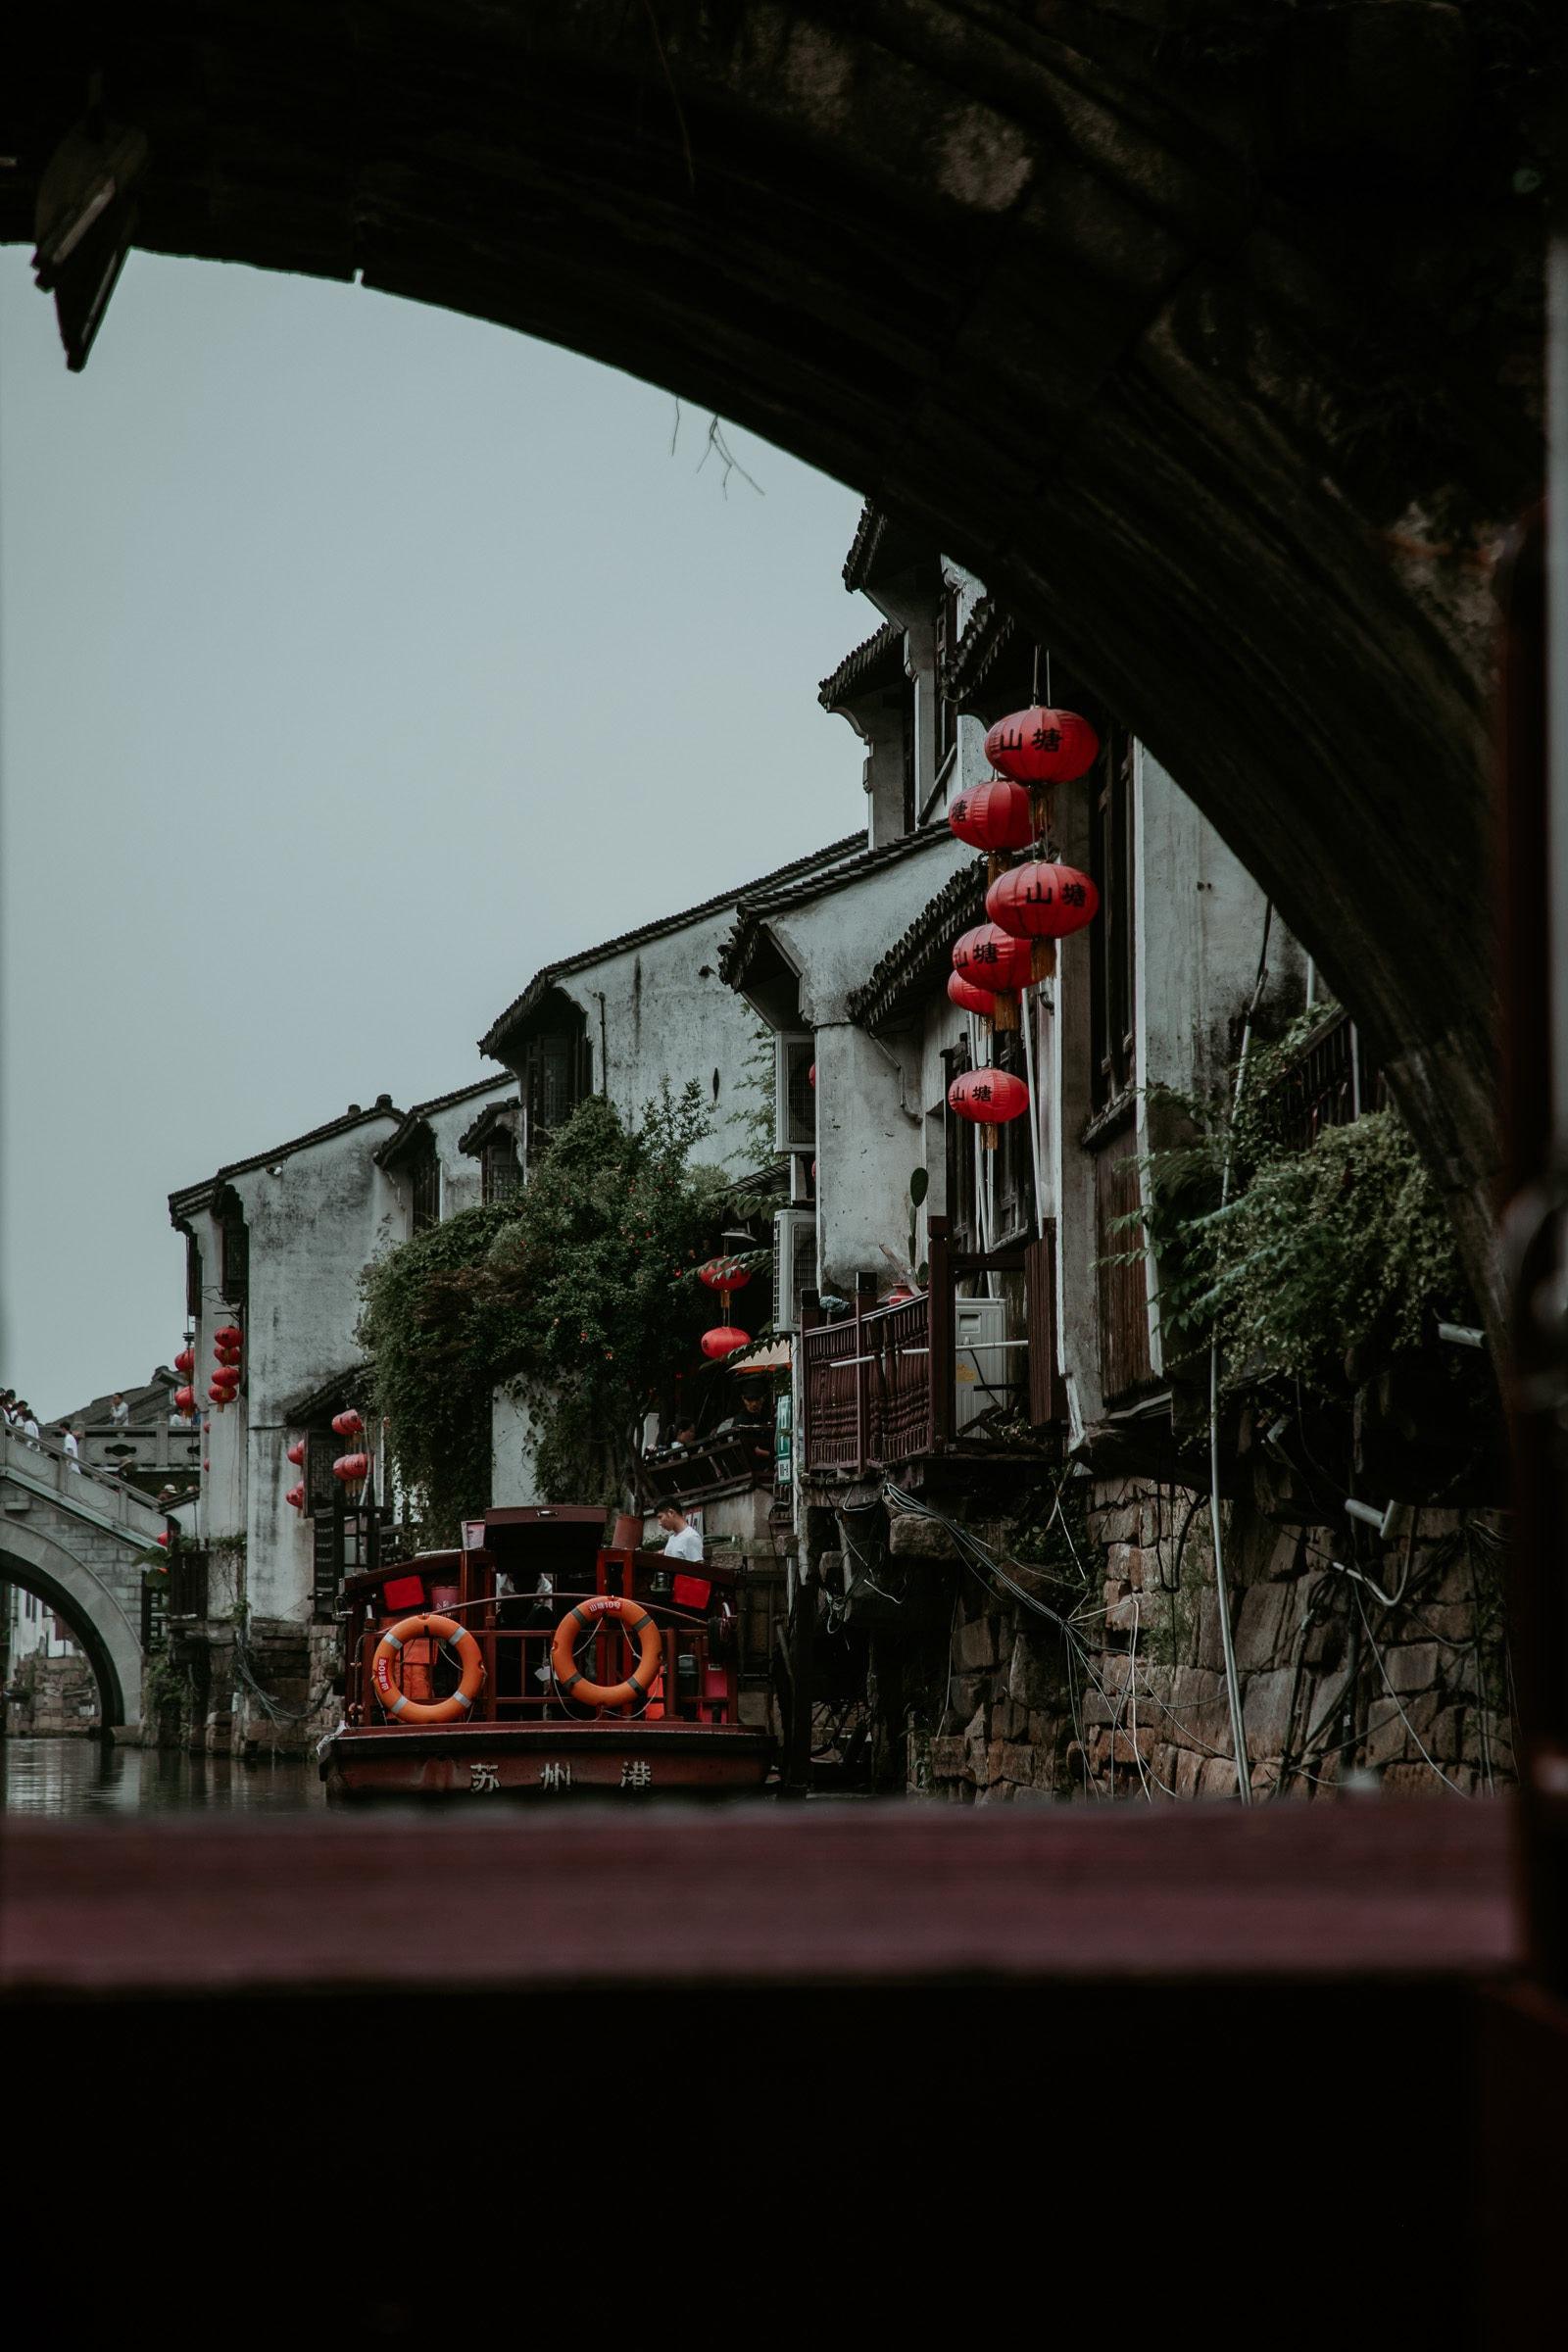 Suzhou Sehenswürdigkeiten Bootsfahrt Kanäle Shantang Street